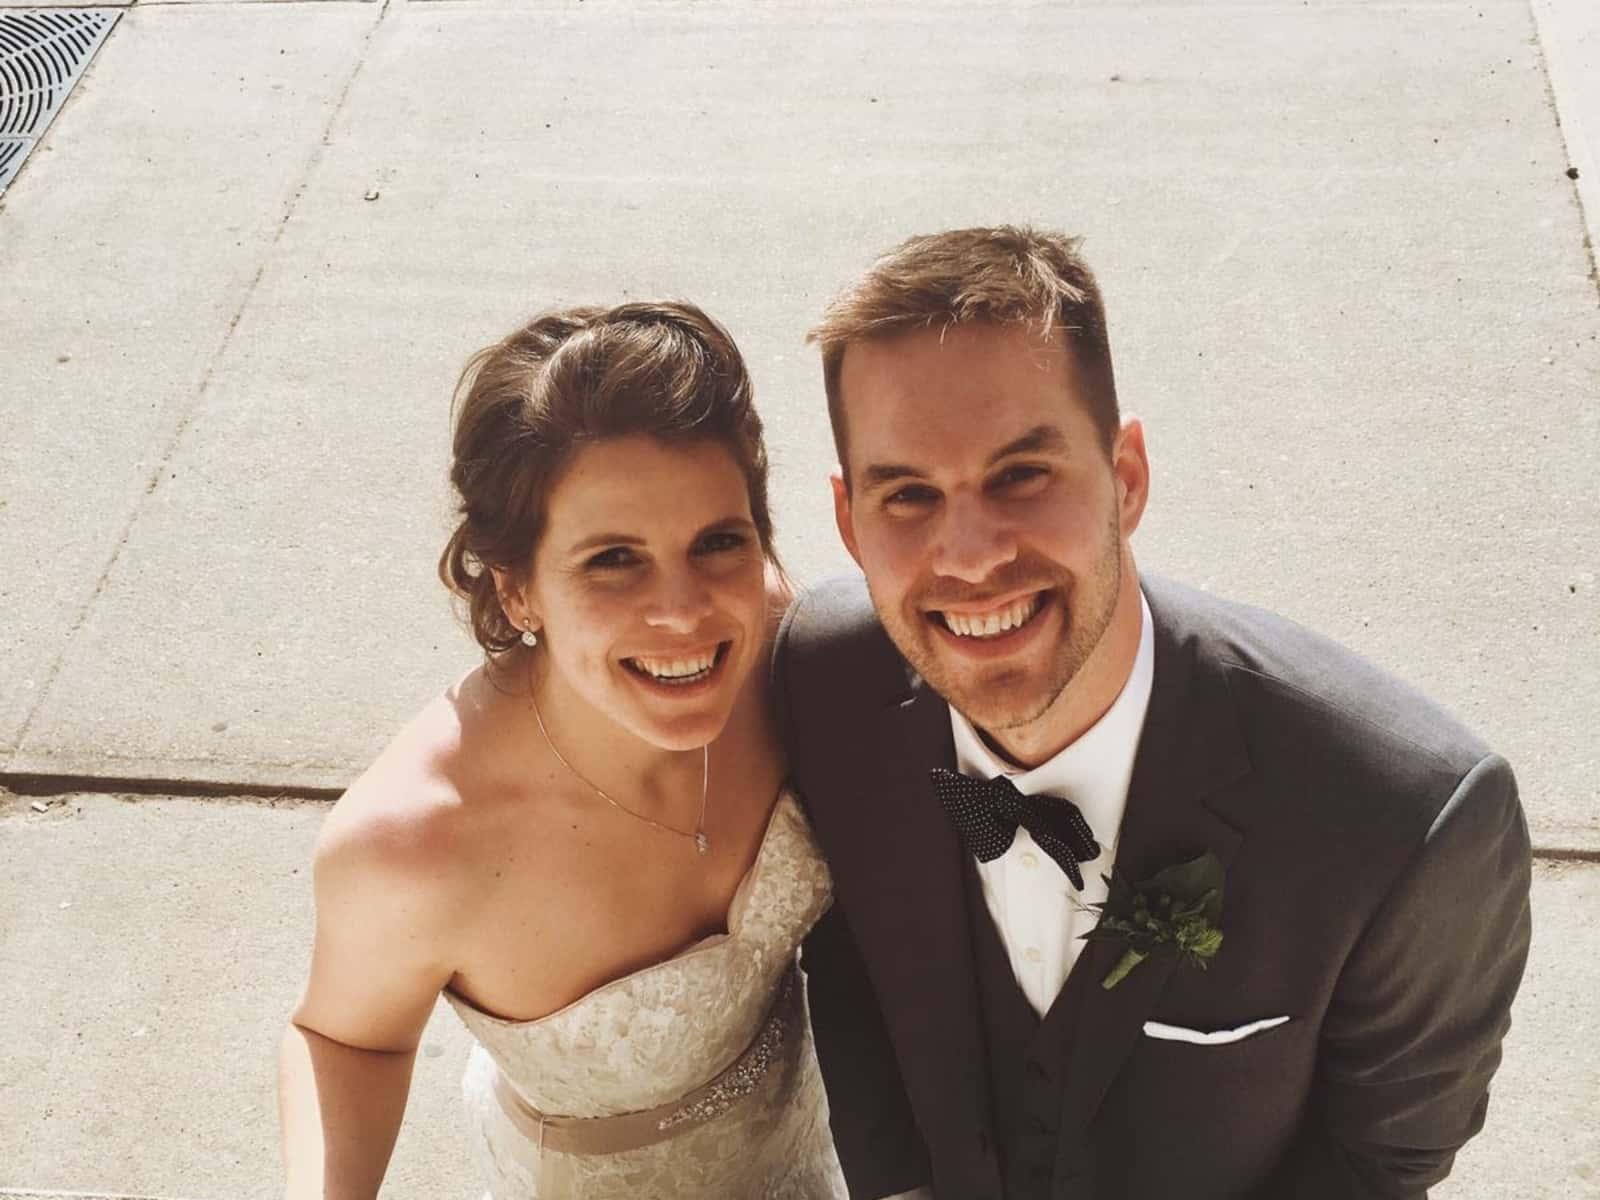 Kellen & Kimberly from Edmonton, Alberta, Canada